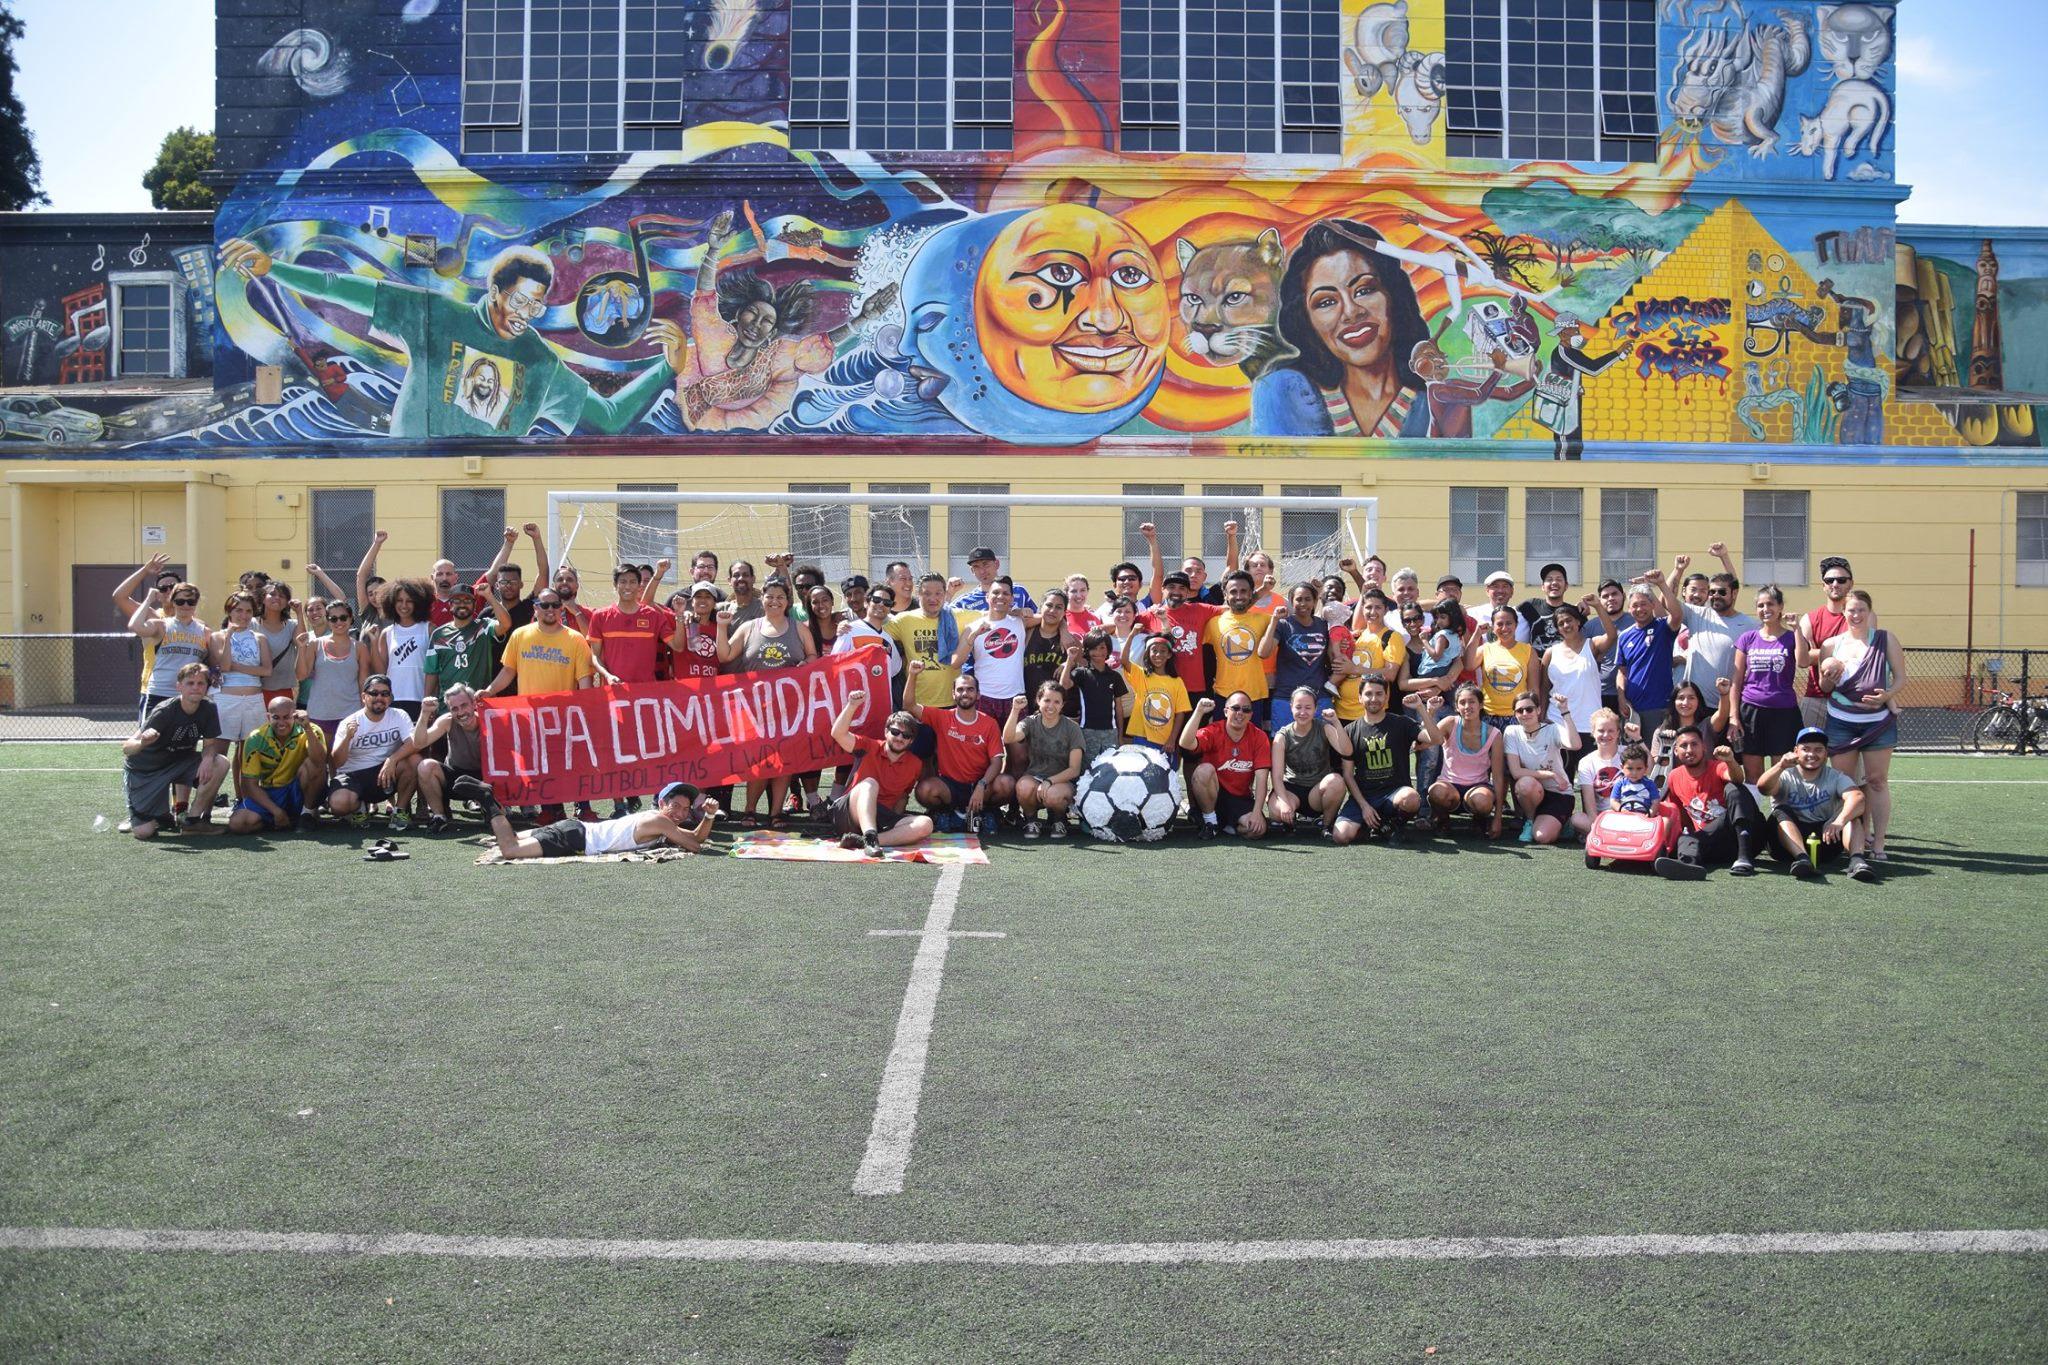 Copa Comunidad 2019